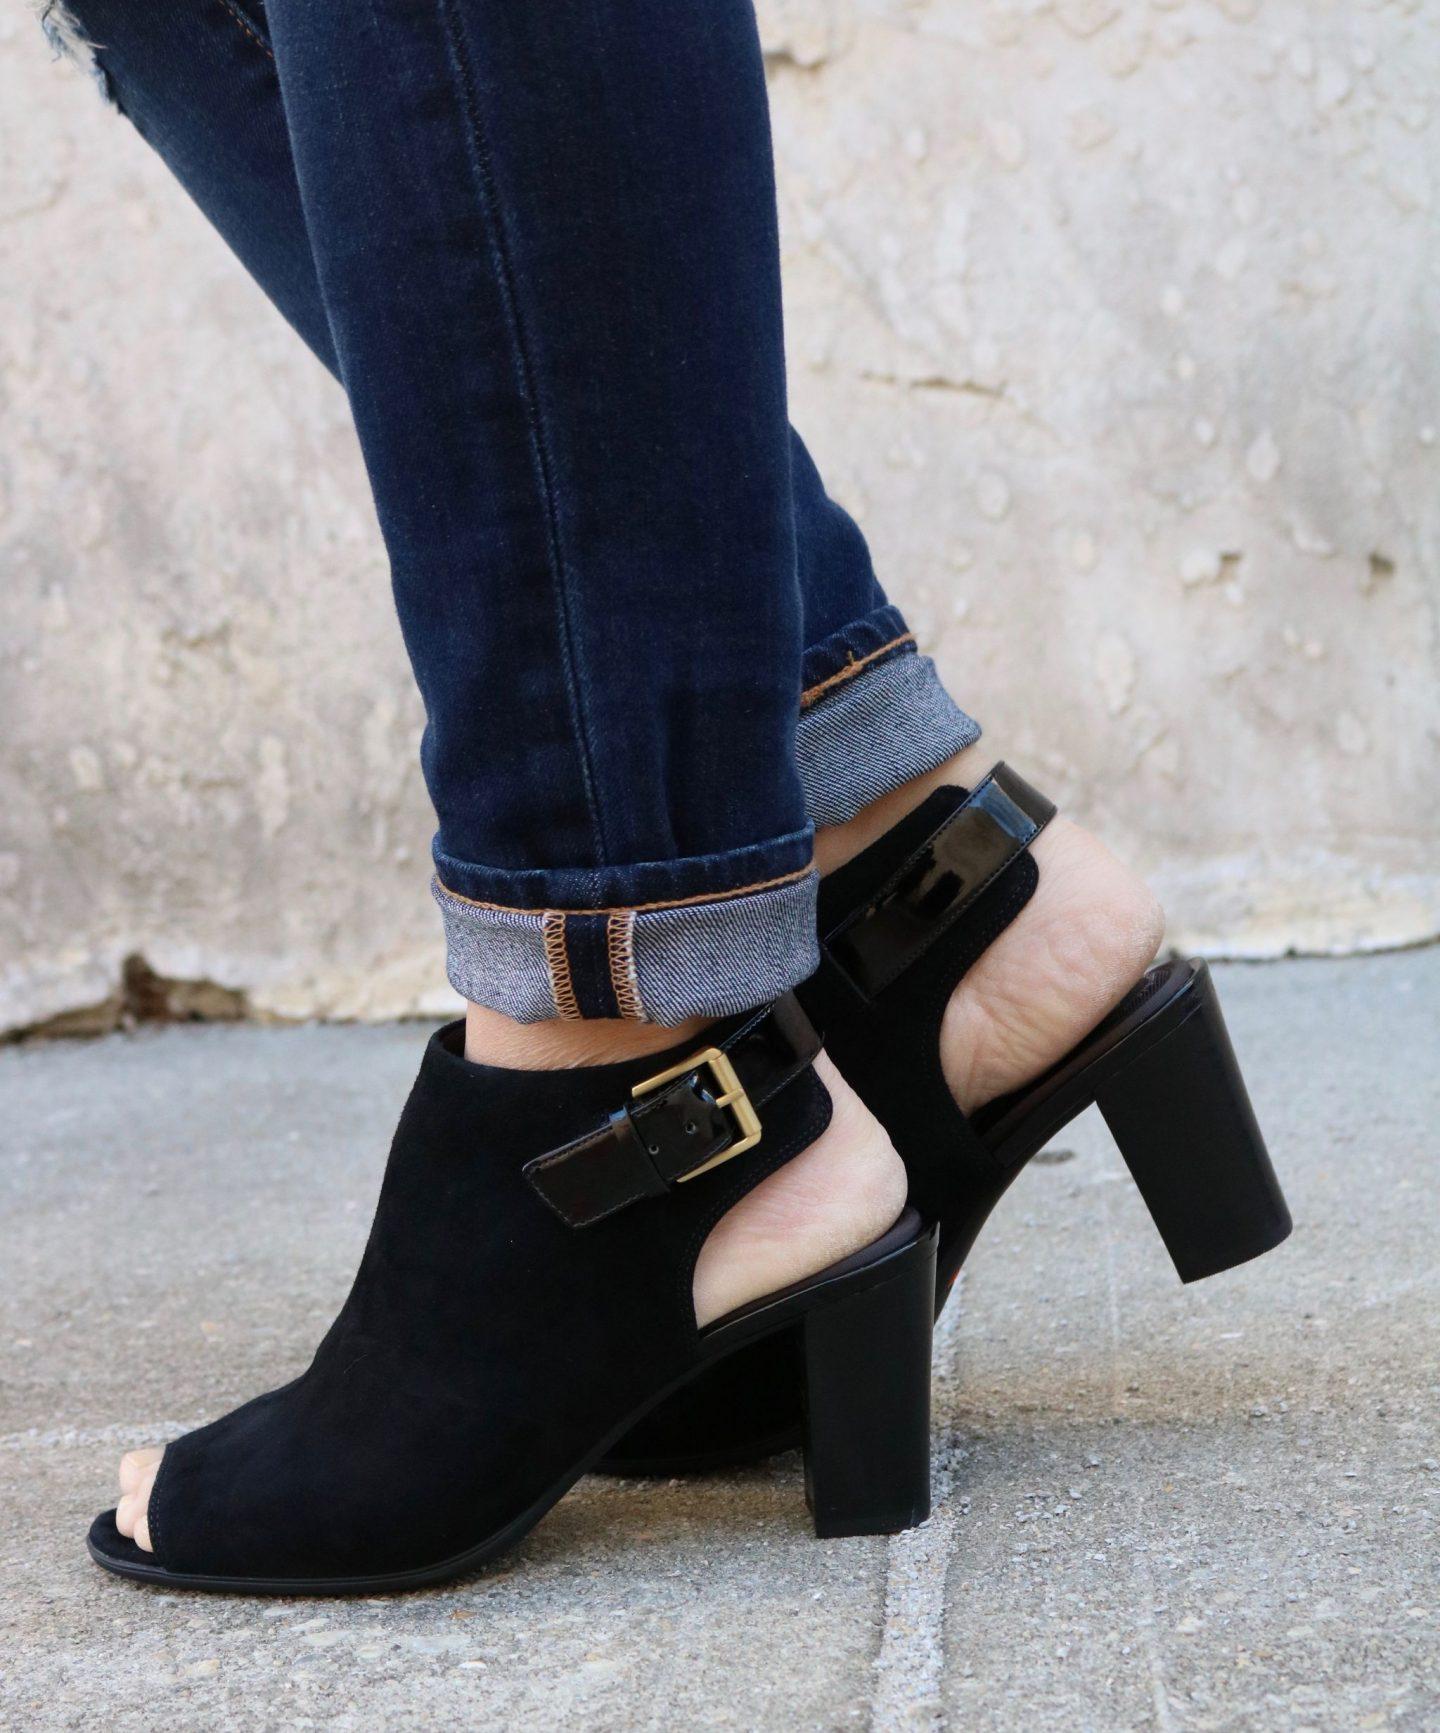 rockport heels with denim, settling southern, heeled sandals